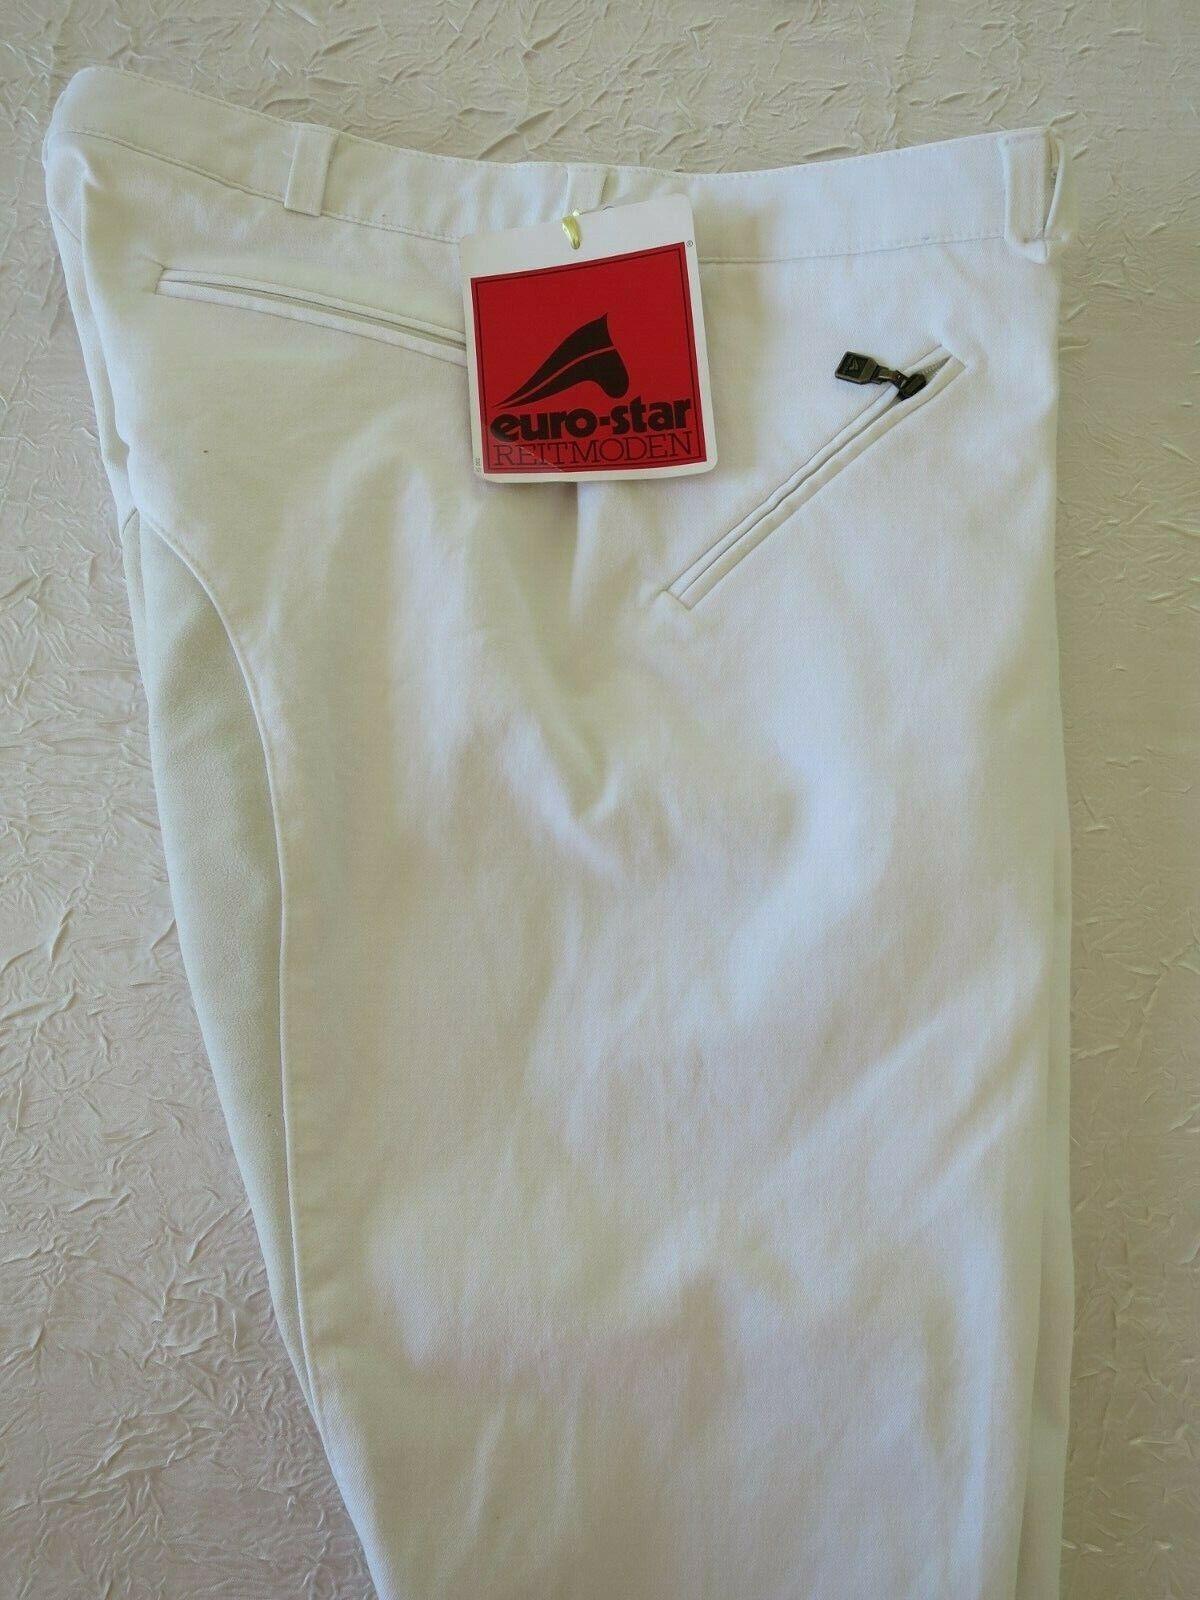 Pantaloni da uomo bianco EURO-STAR ORZO eccessivamente germinato GB 36 D 52 F 46 US 36 I 52 NUOVO